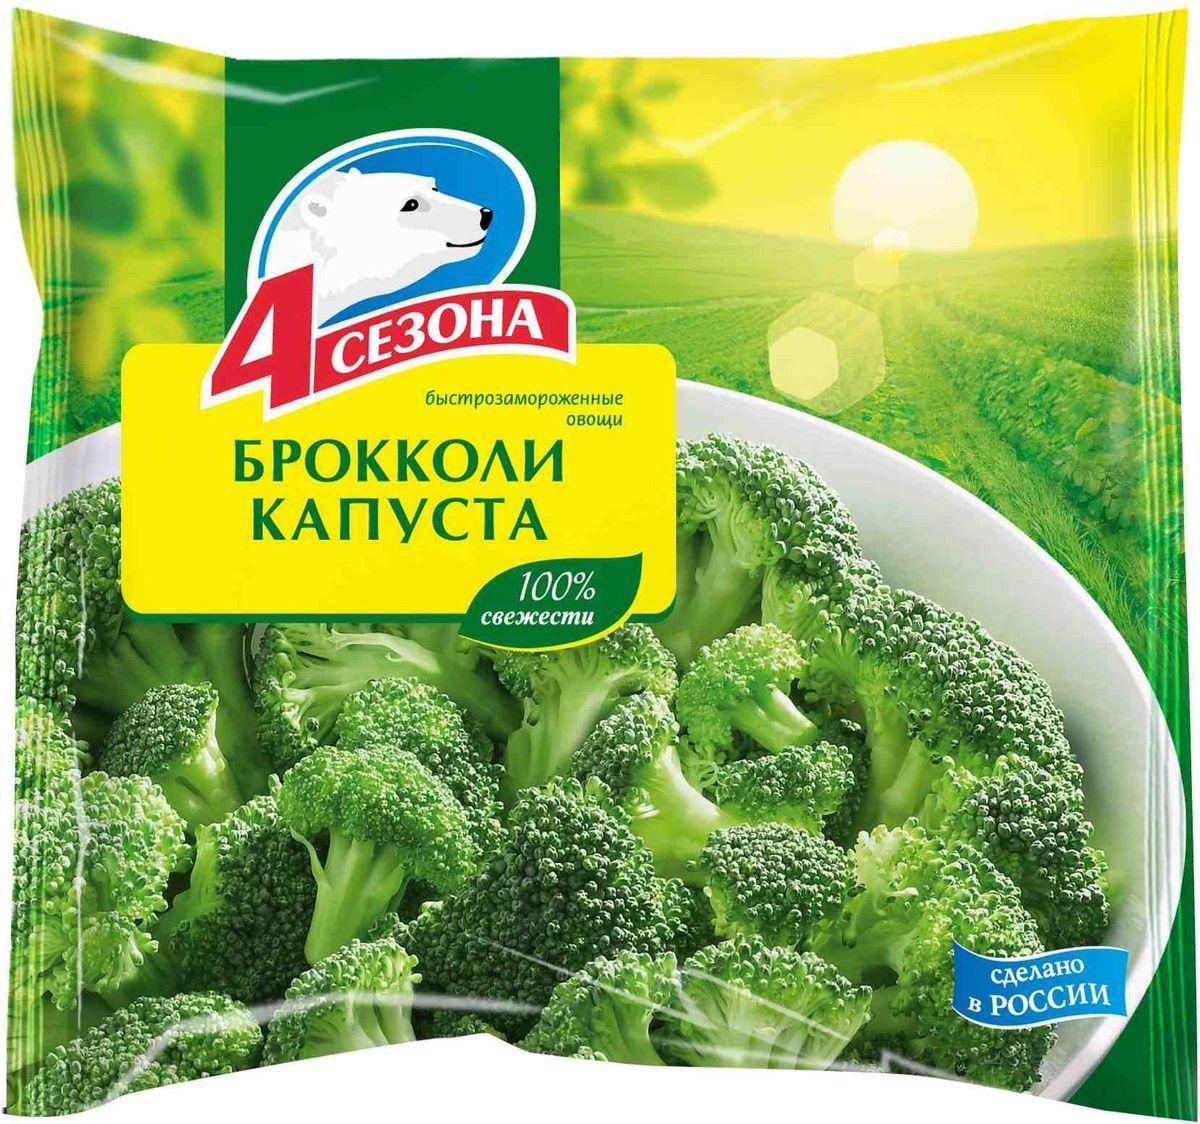 4 Сезона Капуста брокколи, 400 г3601068Благодаря фирменной технологии шоковой заморозки удается сохранить вкус, цвет, структуру и полезные свойства овощей. А значит теперь на протяжении всего года можно кушать вкусную и здоровую пищу. Брокколи – ценный диетический продукт с минимальной калорийностью, который становится идеальным дополнением к вегетарианским супам и ароматным рагу. А еще с таким ингредиентом удаются роскошные сборные гарниры к мясным или рыбным блюдам.